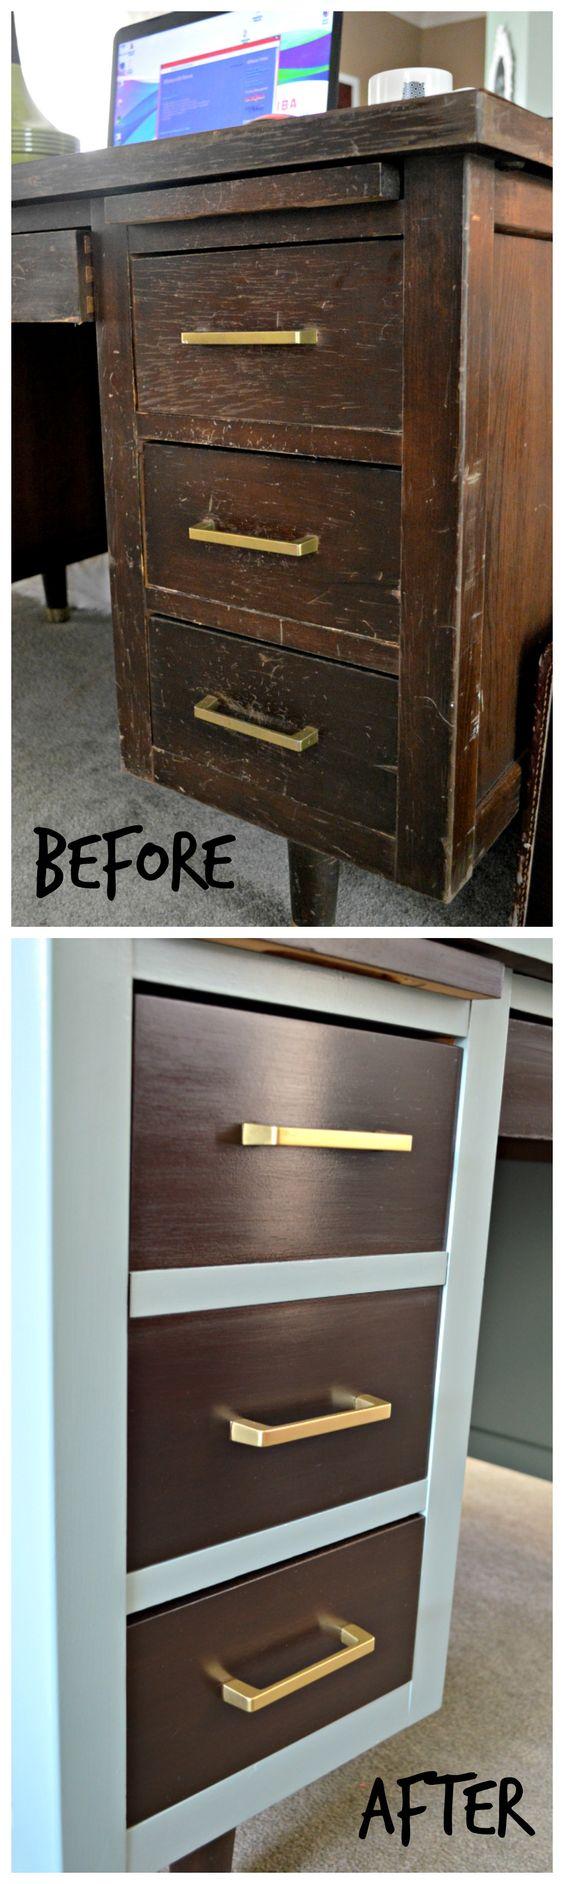 1950's Tanker Desk Redesign | laughingabi.com